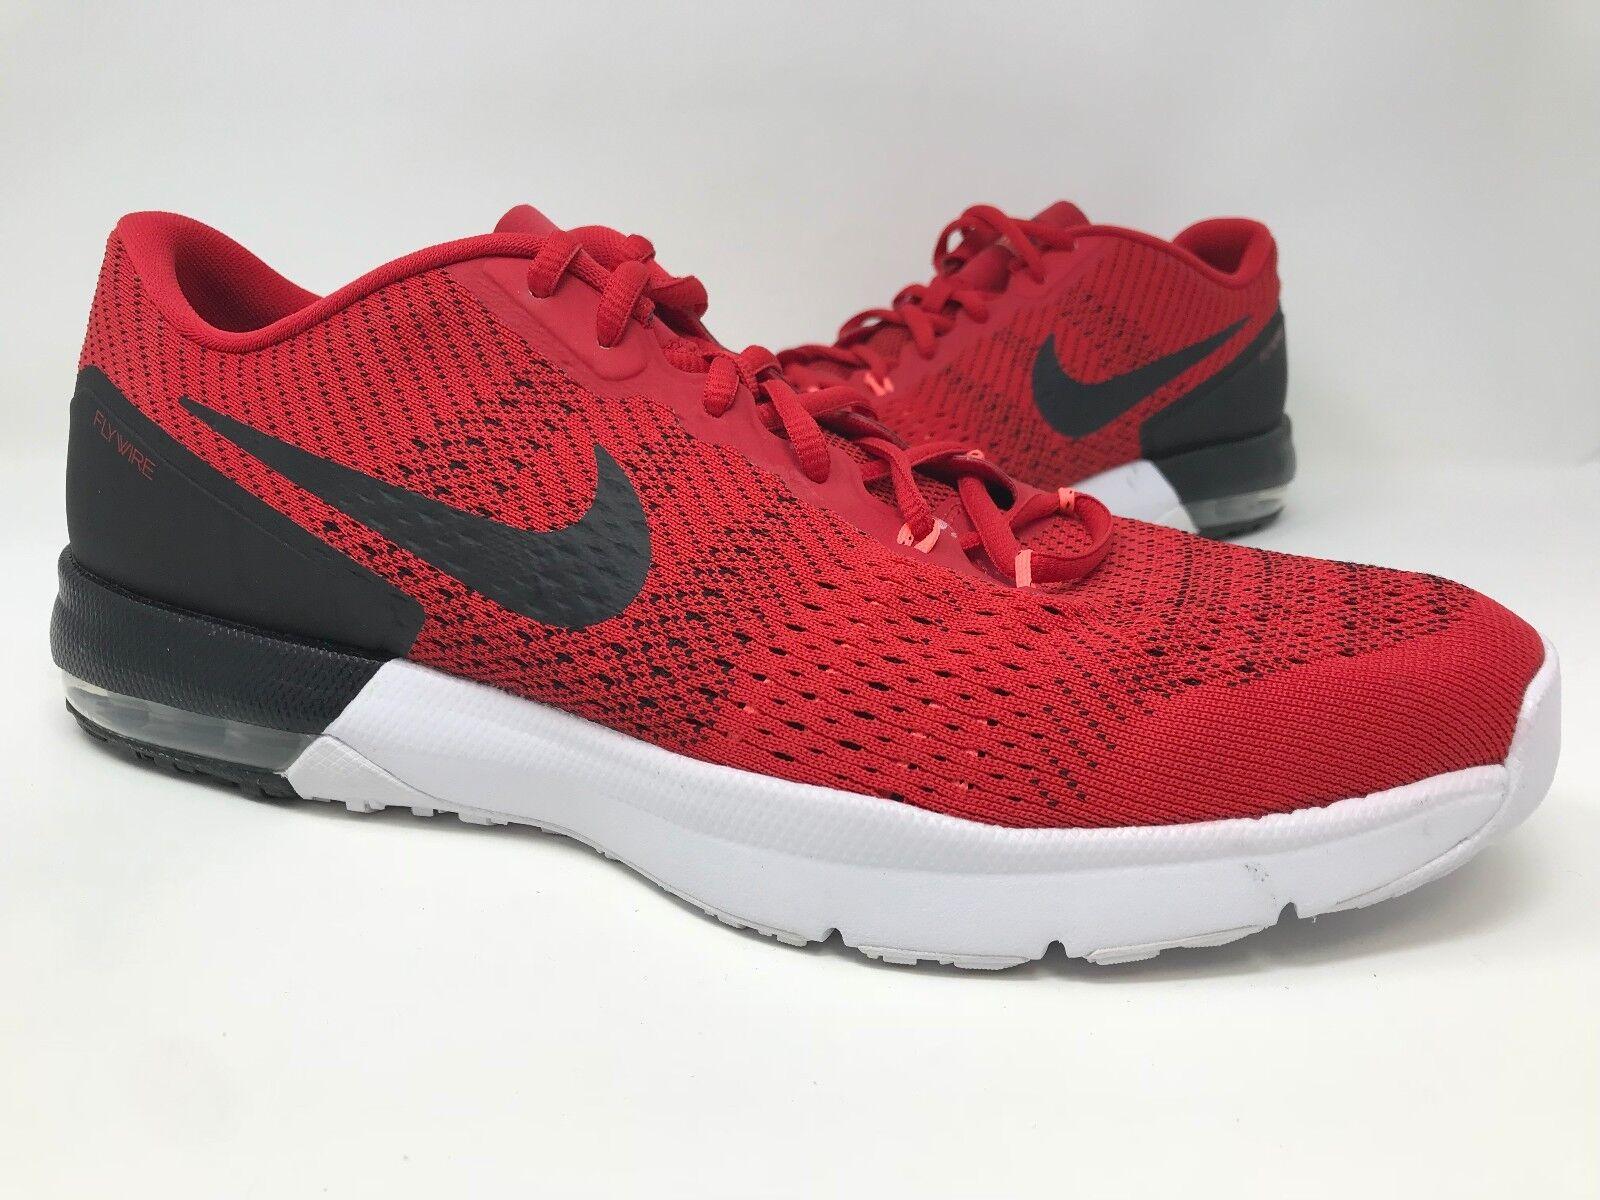 di nuovo!uomini 820198-608 820198-608 820198-608 nike air max tifa formazione scarpe - rosso / nero a19 | Ottima qualità  | Uomo/Donna Scarpa  283e0c